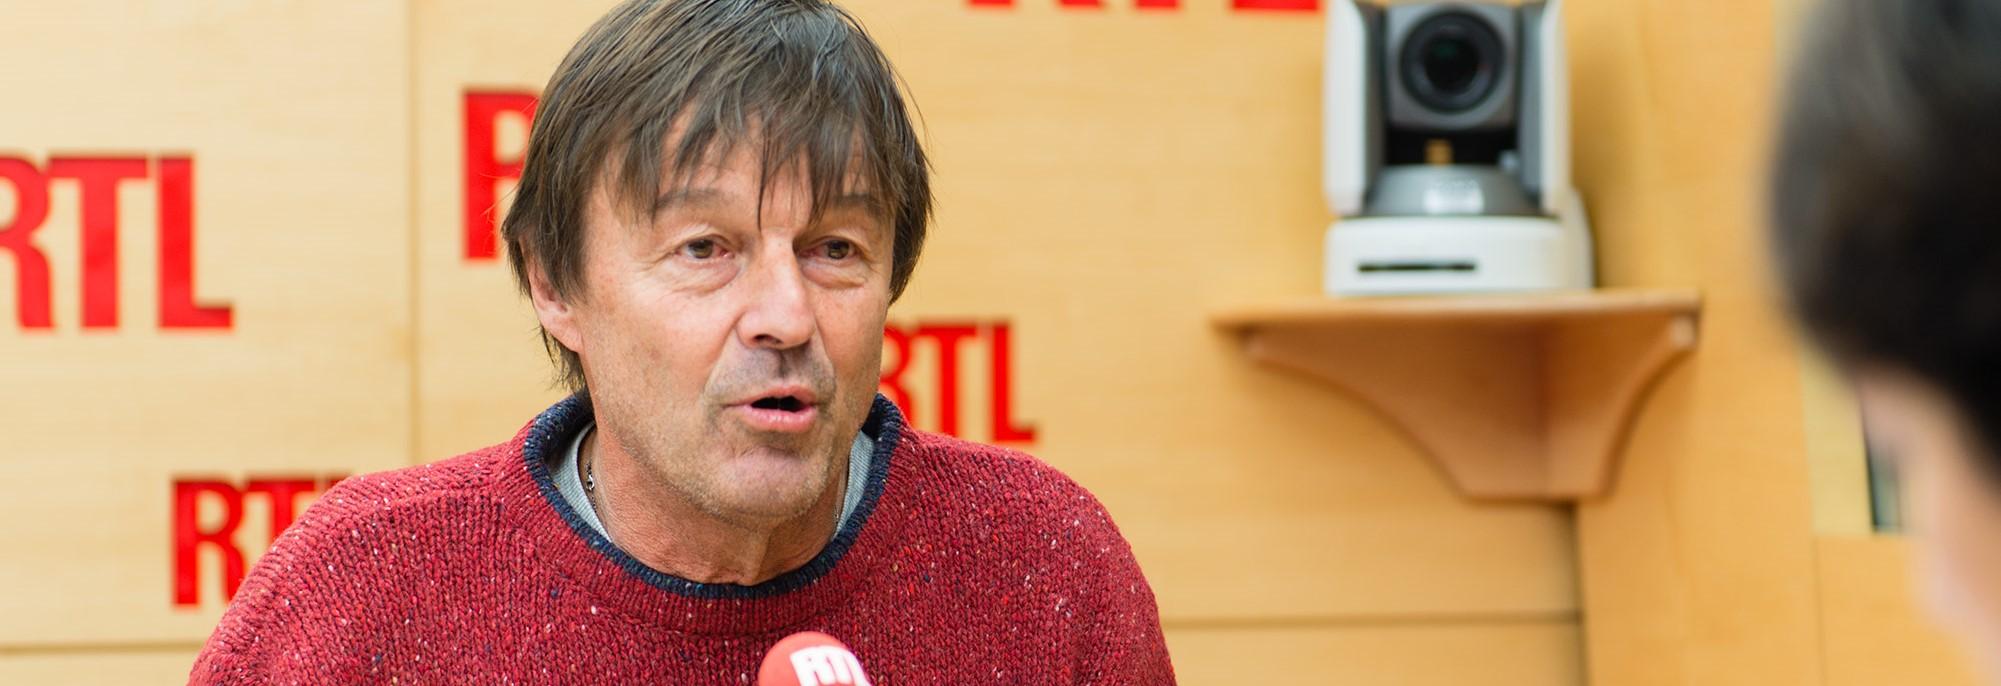 """Présidentielle 2017 : les idées de Fillon sur l'écologie """"désolent"""" Hulot"""